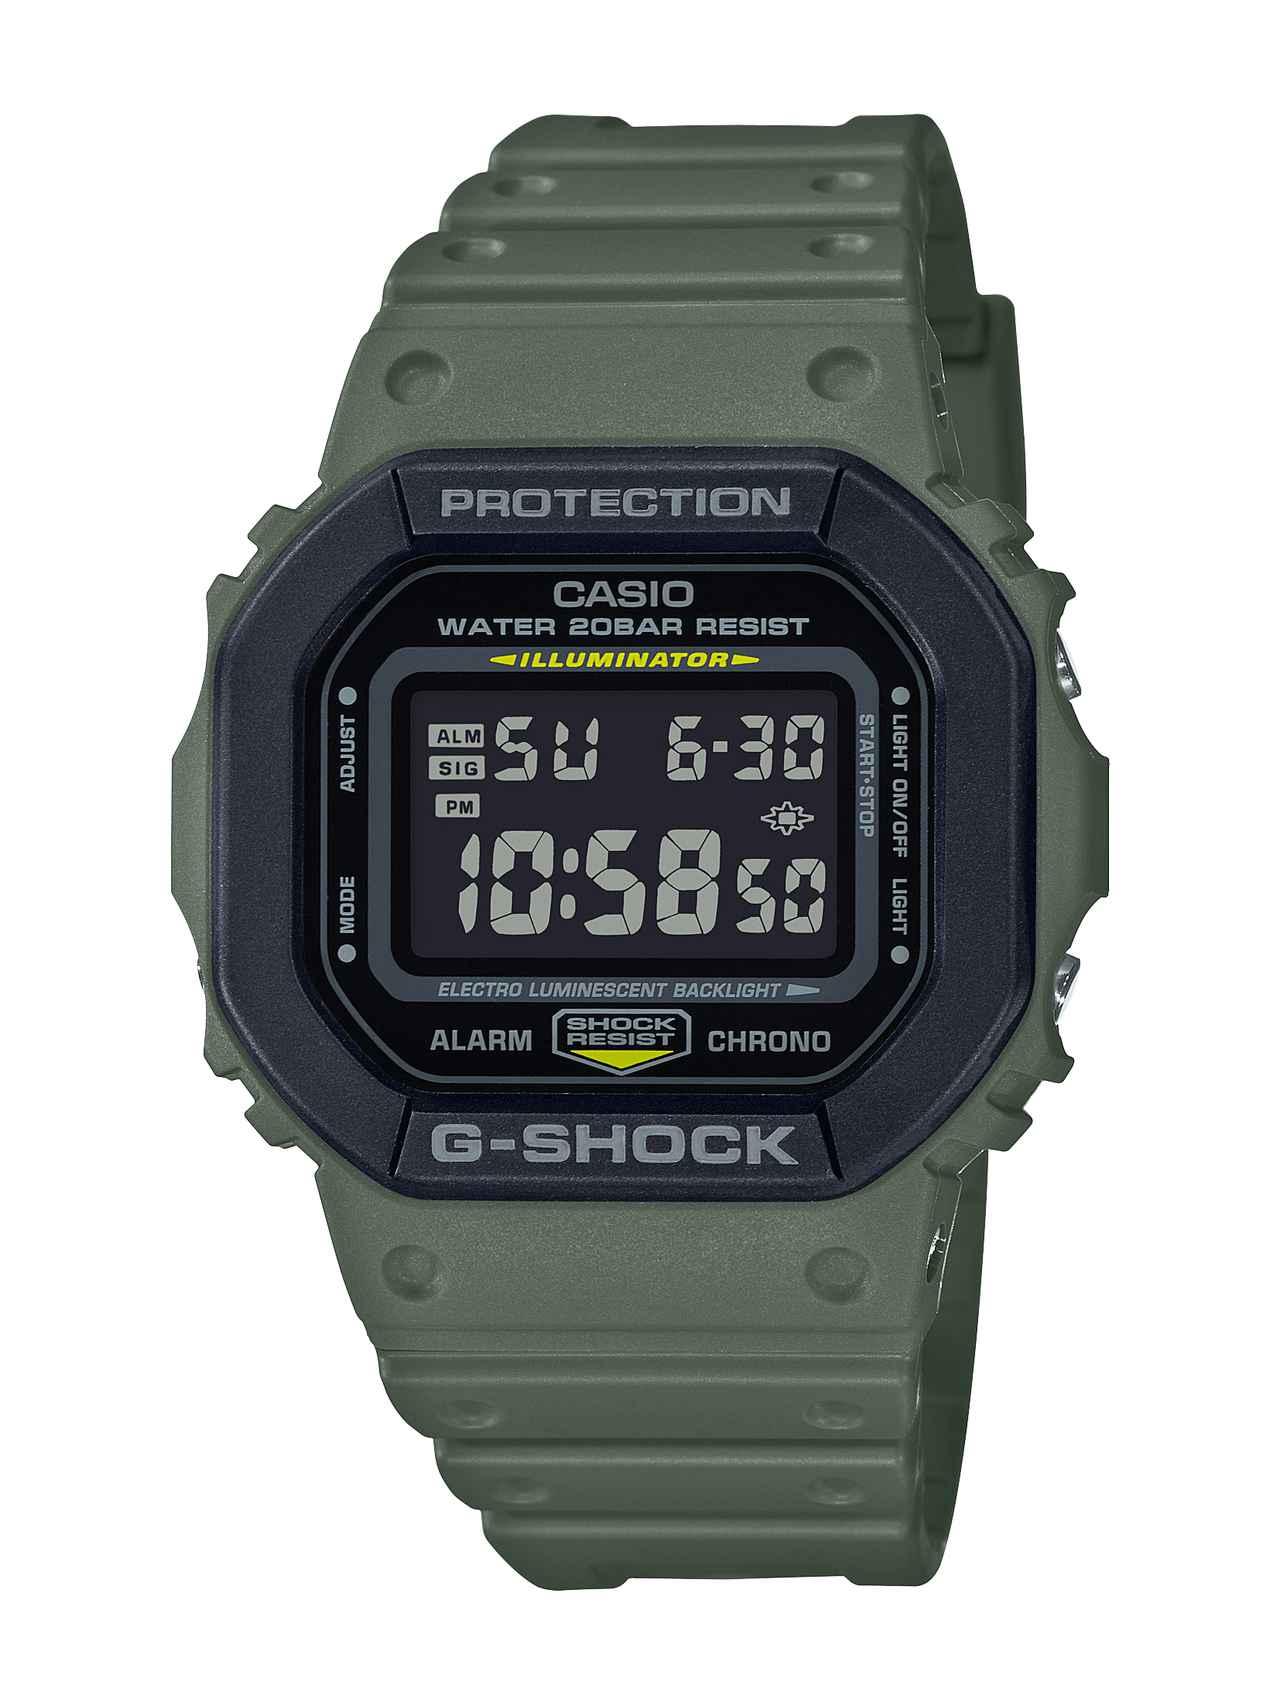 画像4: 【G-SHOCK】定番の〈DW-5600〉シリーズに「ユーティリティカラー」モデルが新登場!